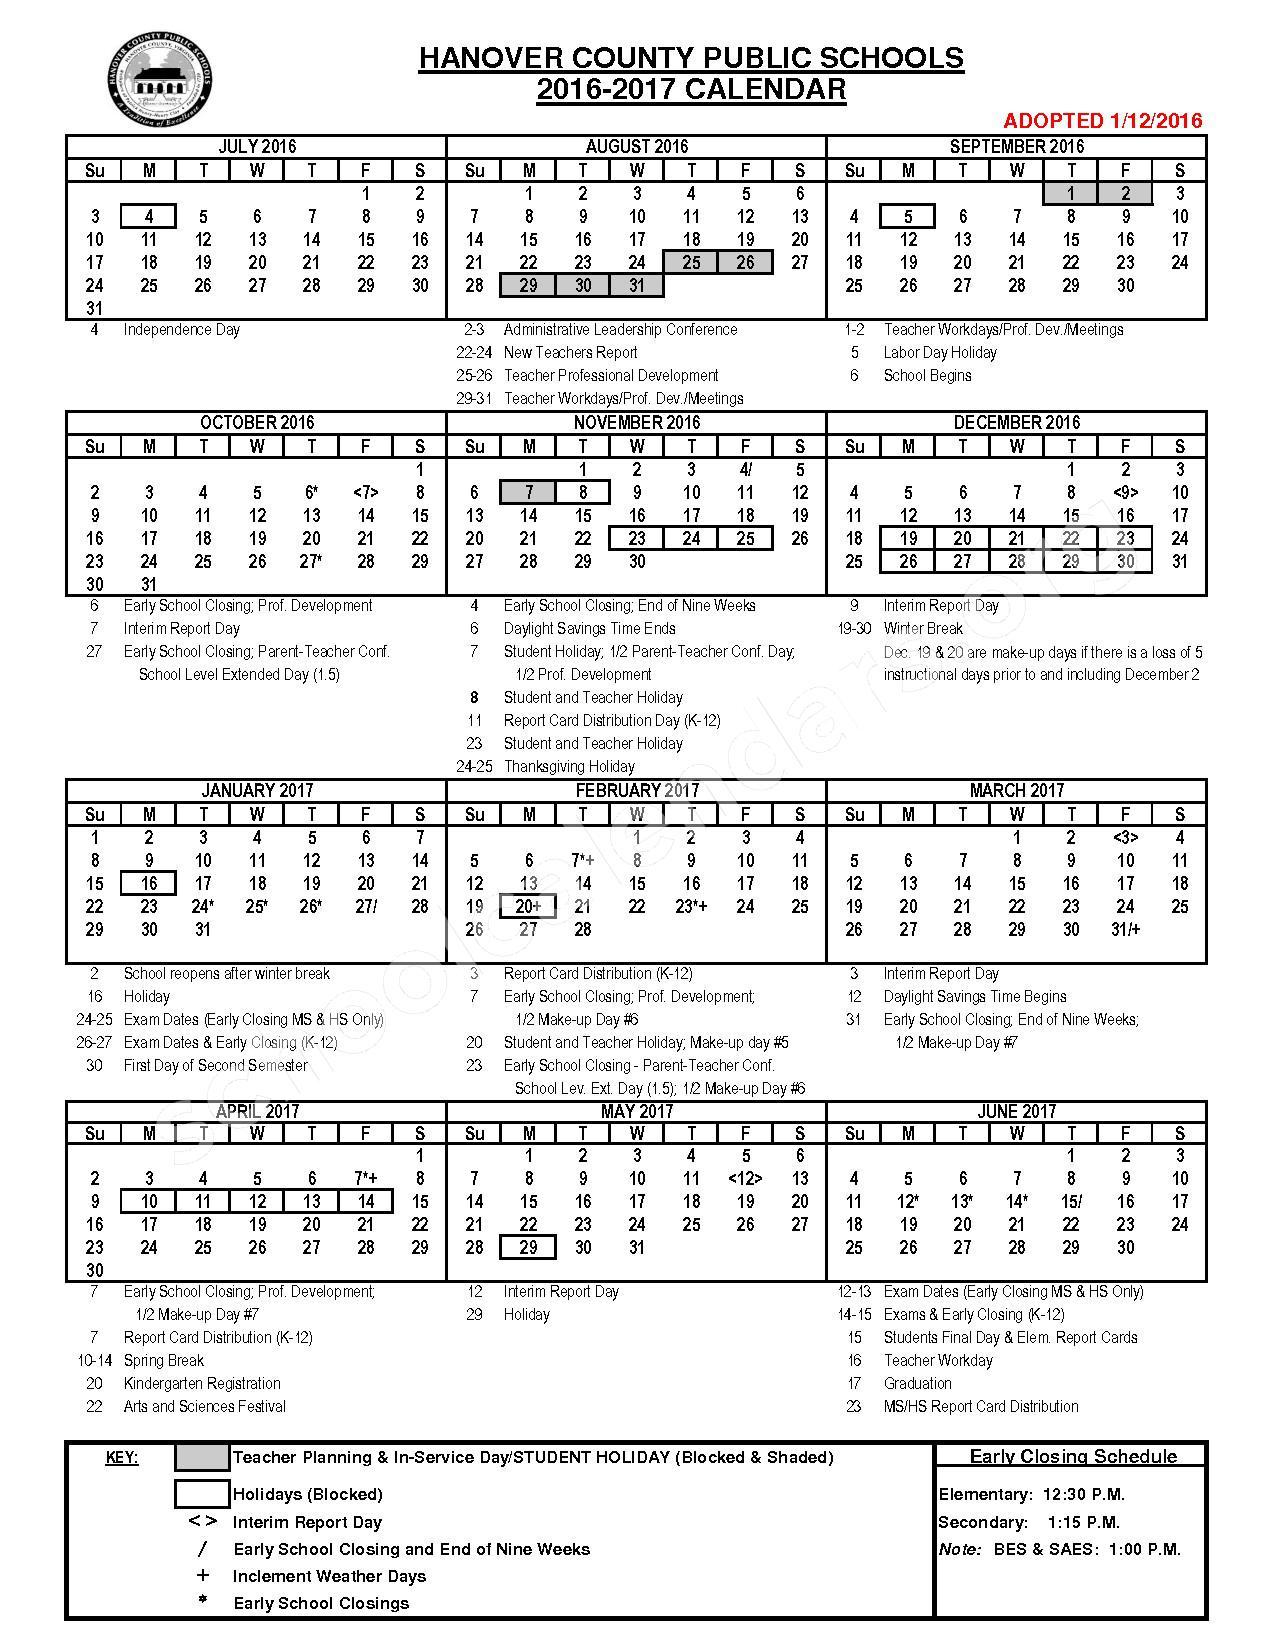 2016 - 2017 HCPS Calendar – Hanover County Public Schools – page 1